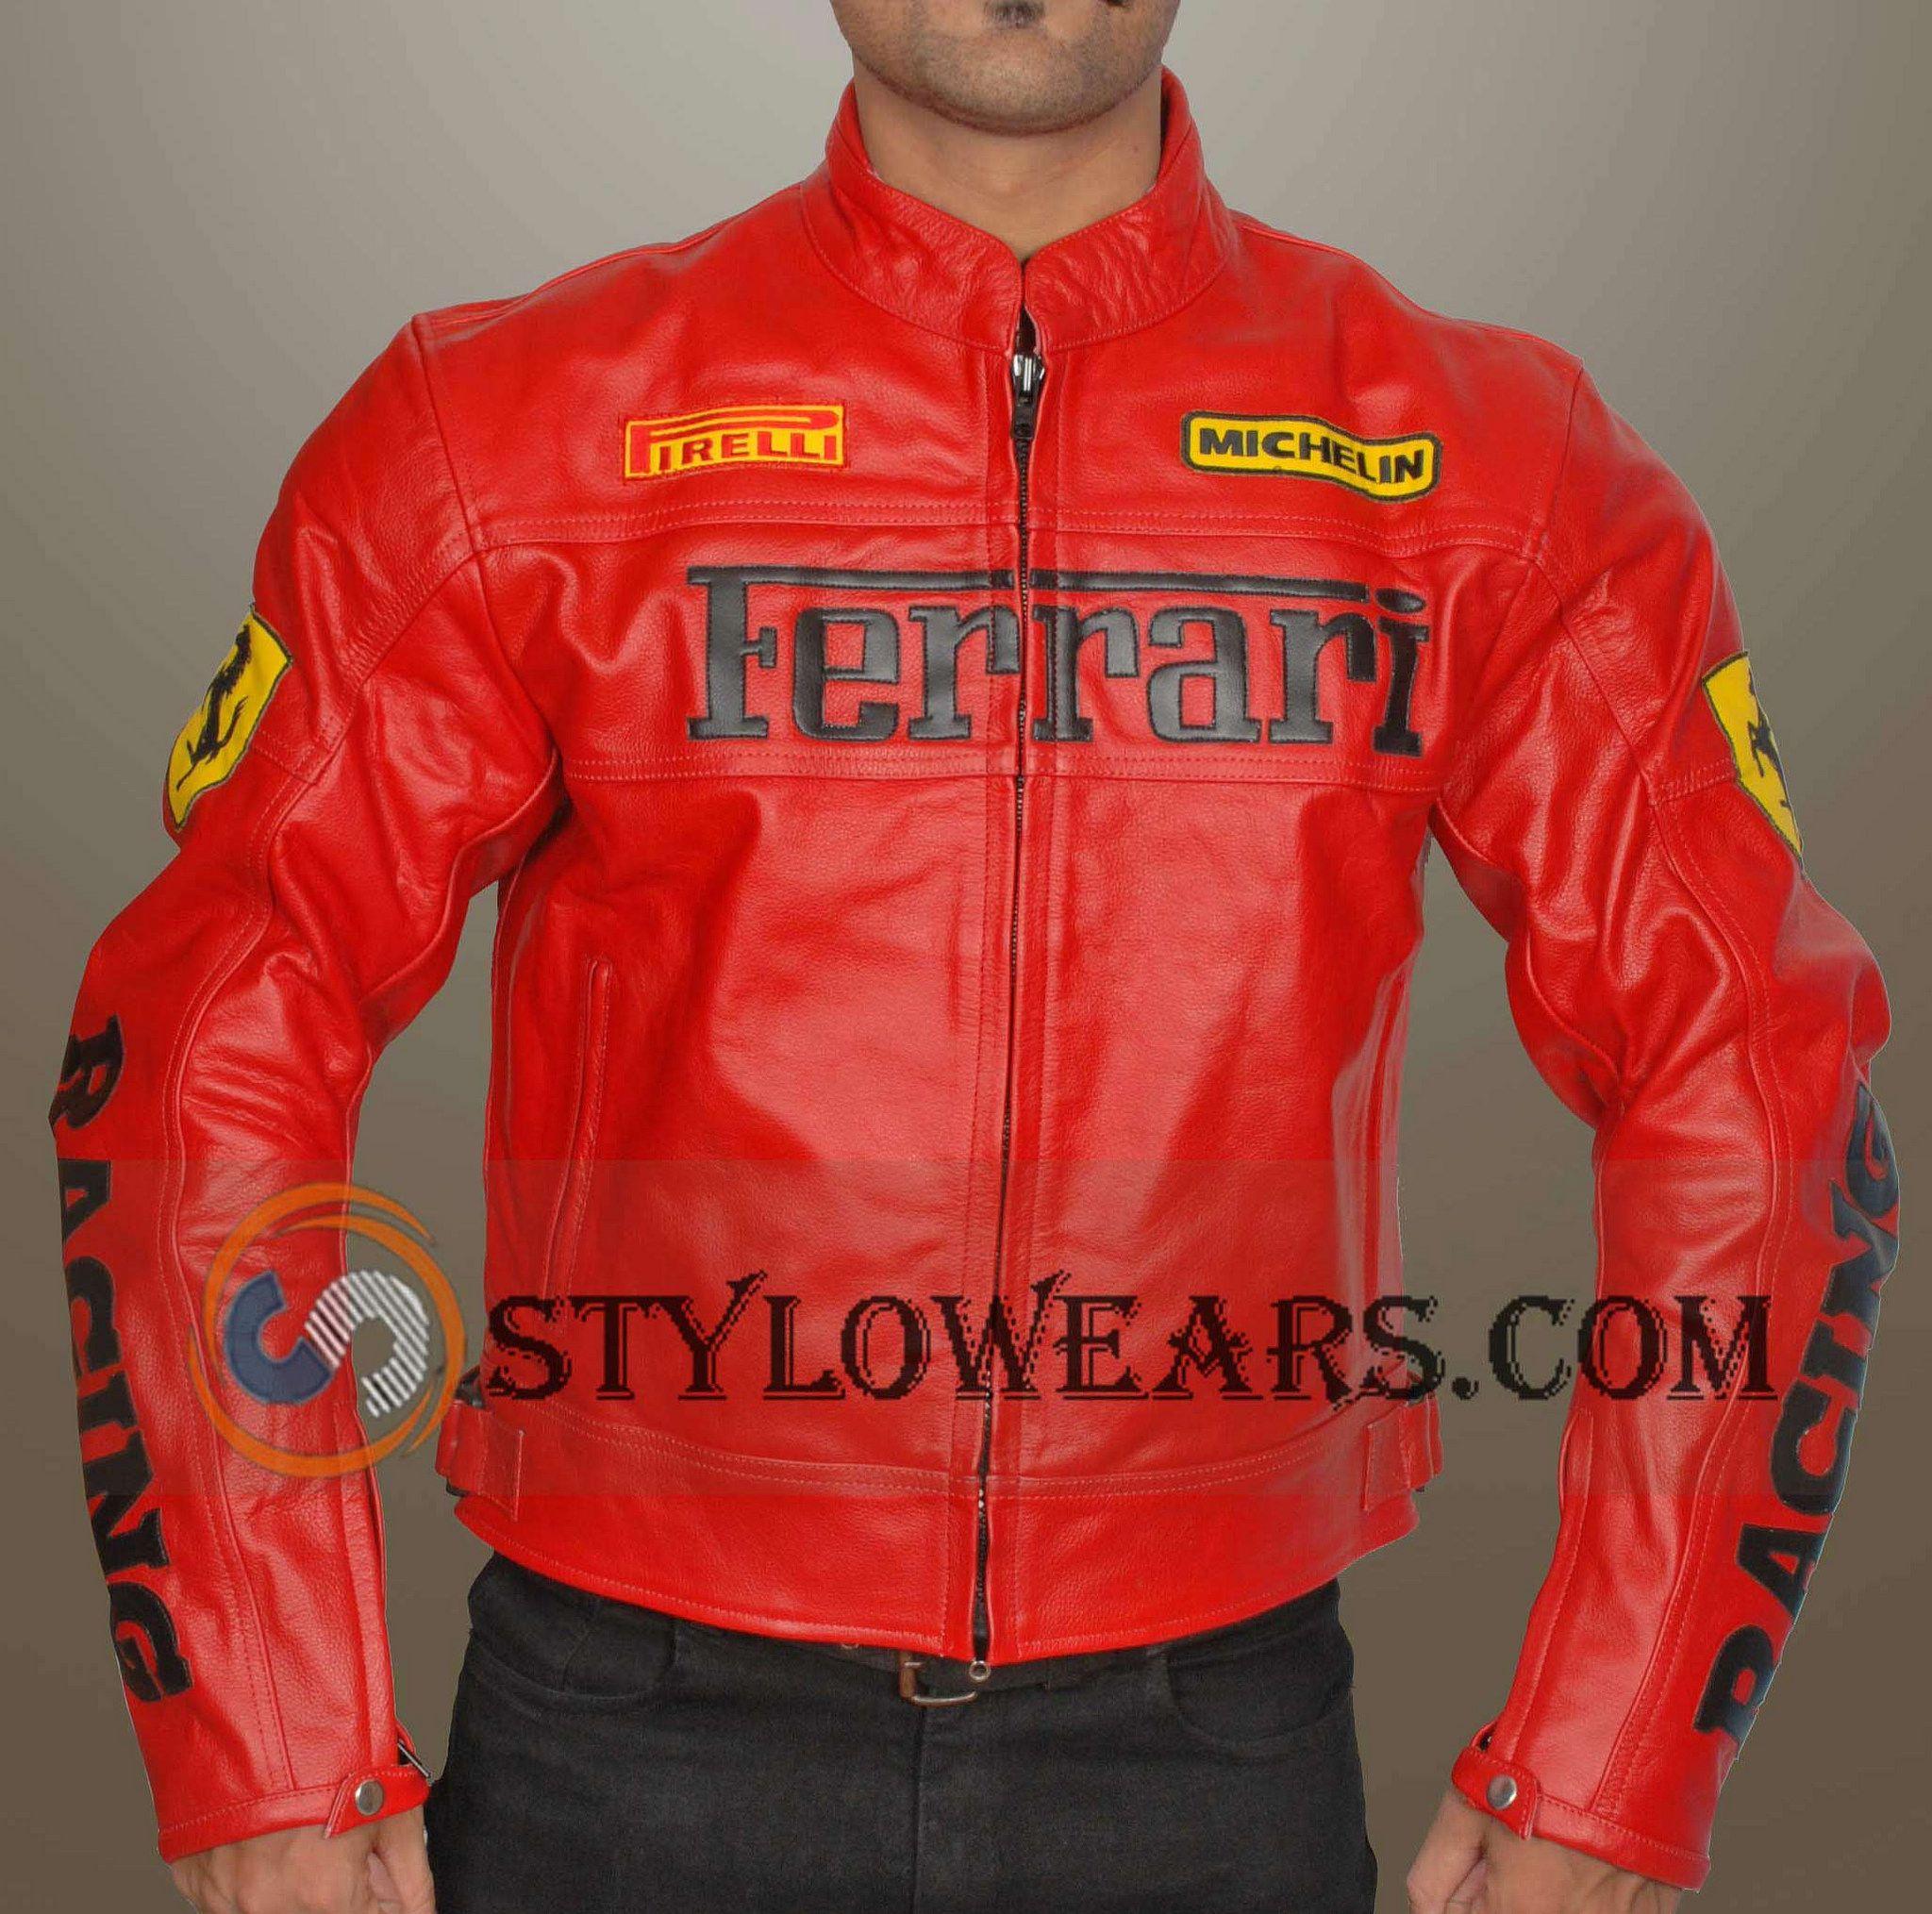 Red Ferrari Leather Jacket Leather Jacket Men Leather Jacket Style Jackets